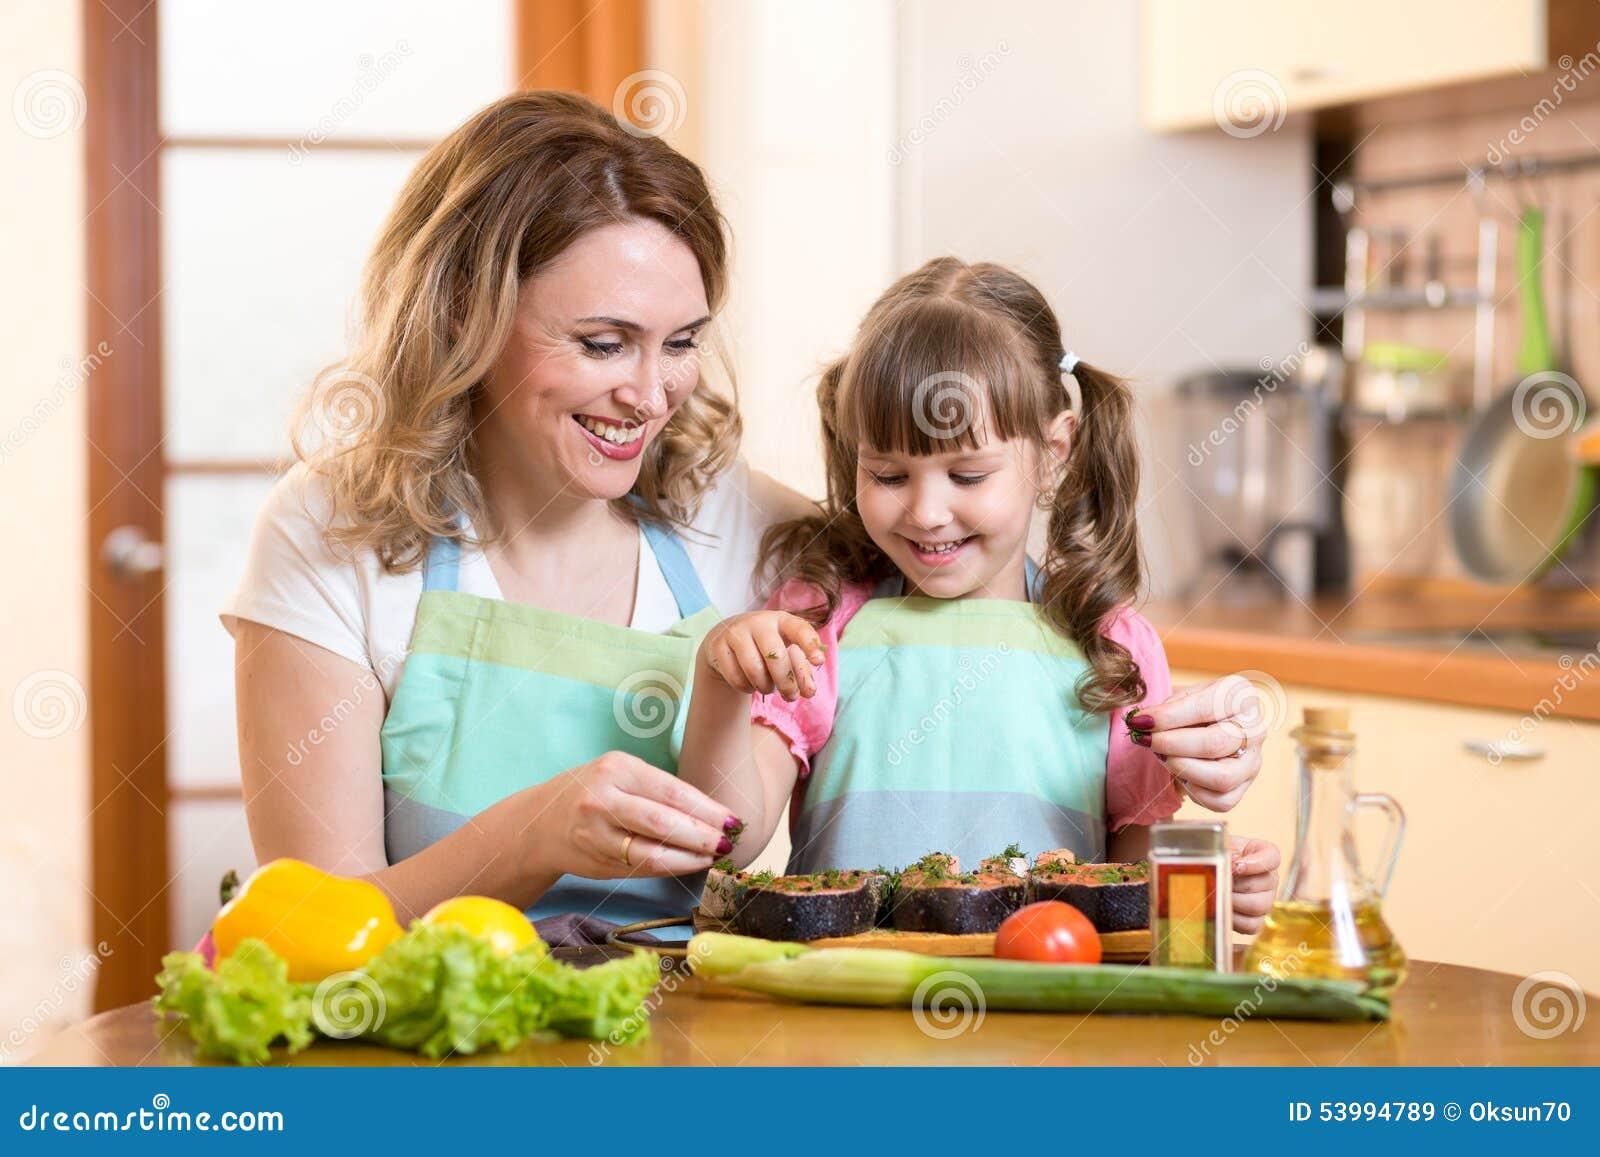 С мамкой на кухне, Мама и сын на кухне - смотреть порно онлайн или скачать 25 фотография